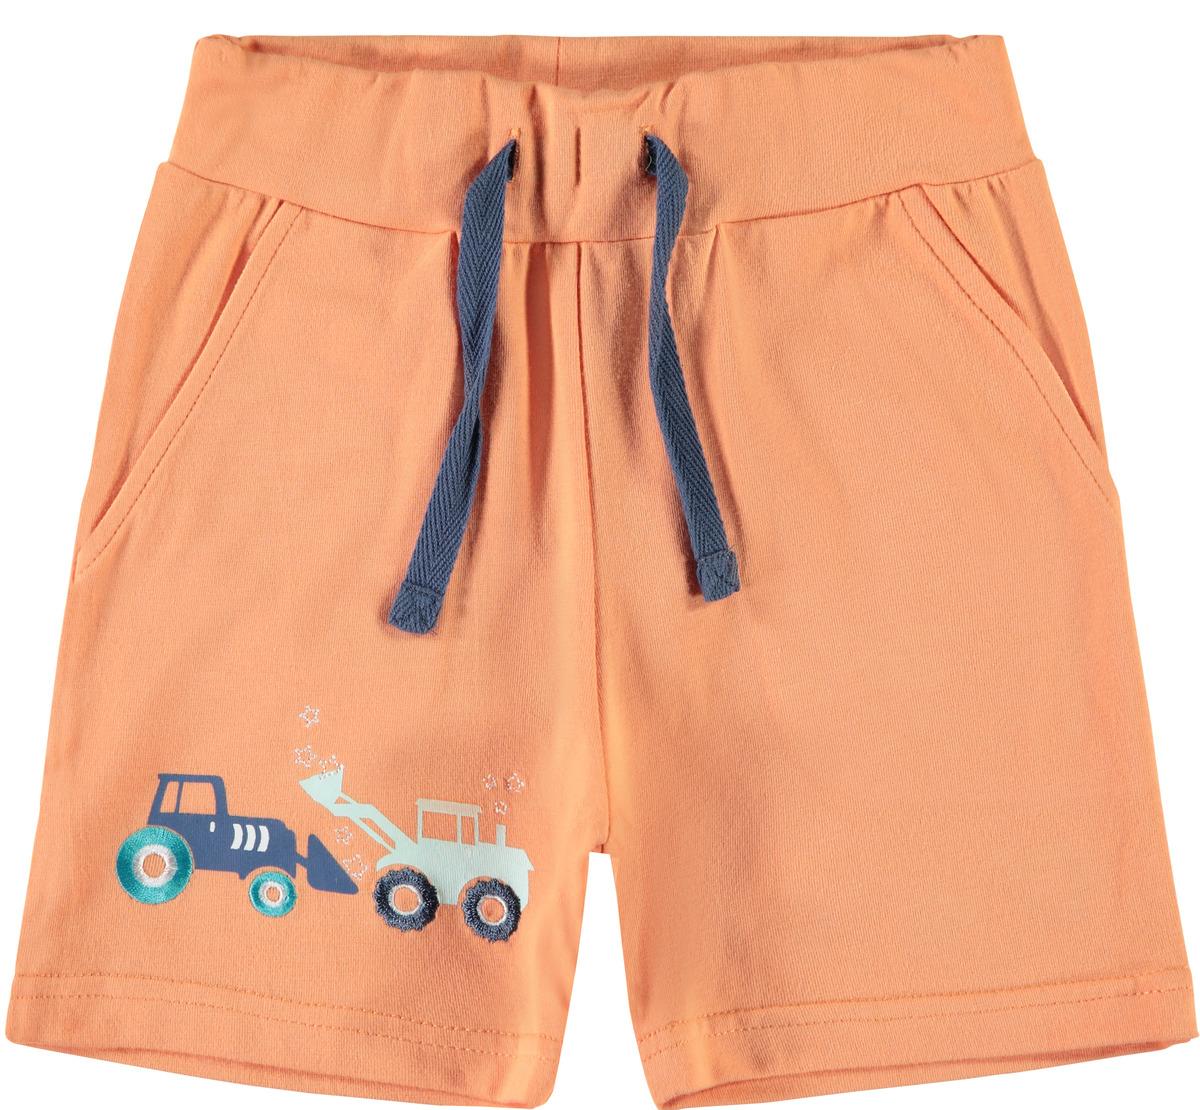 cd3f4fbd Name It shorts, shorts til gutt med traktor, shorts til barn fra Name It